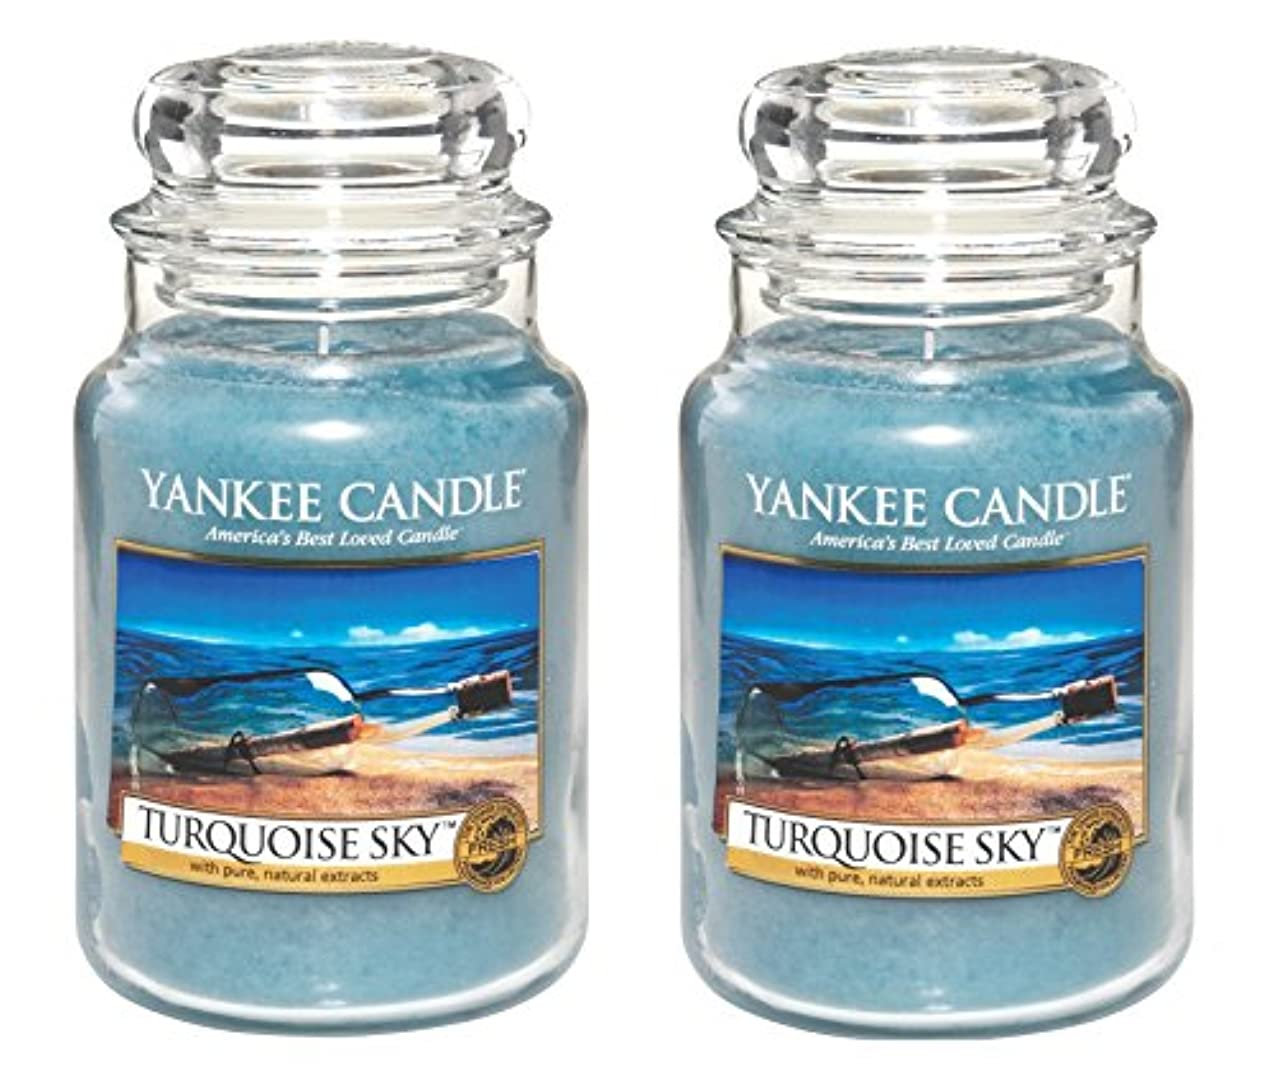 個人通り抜ける深さYankee CandleターコイズSky 22oz Jar Candle、Large 2パック